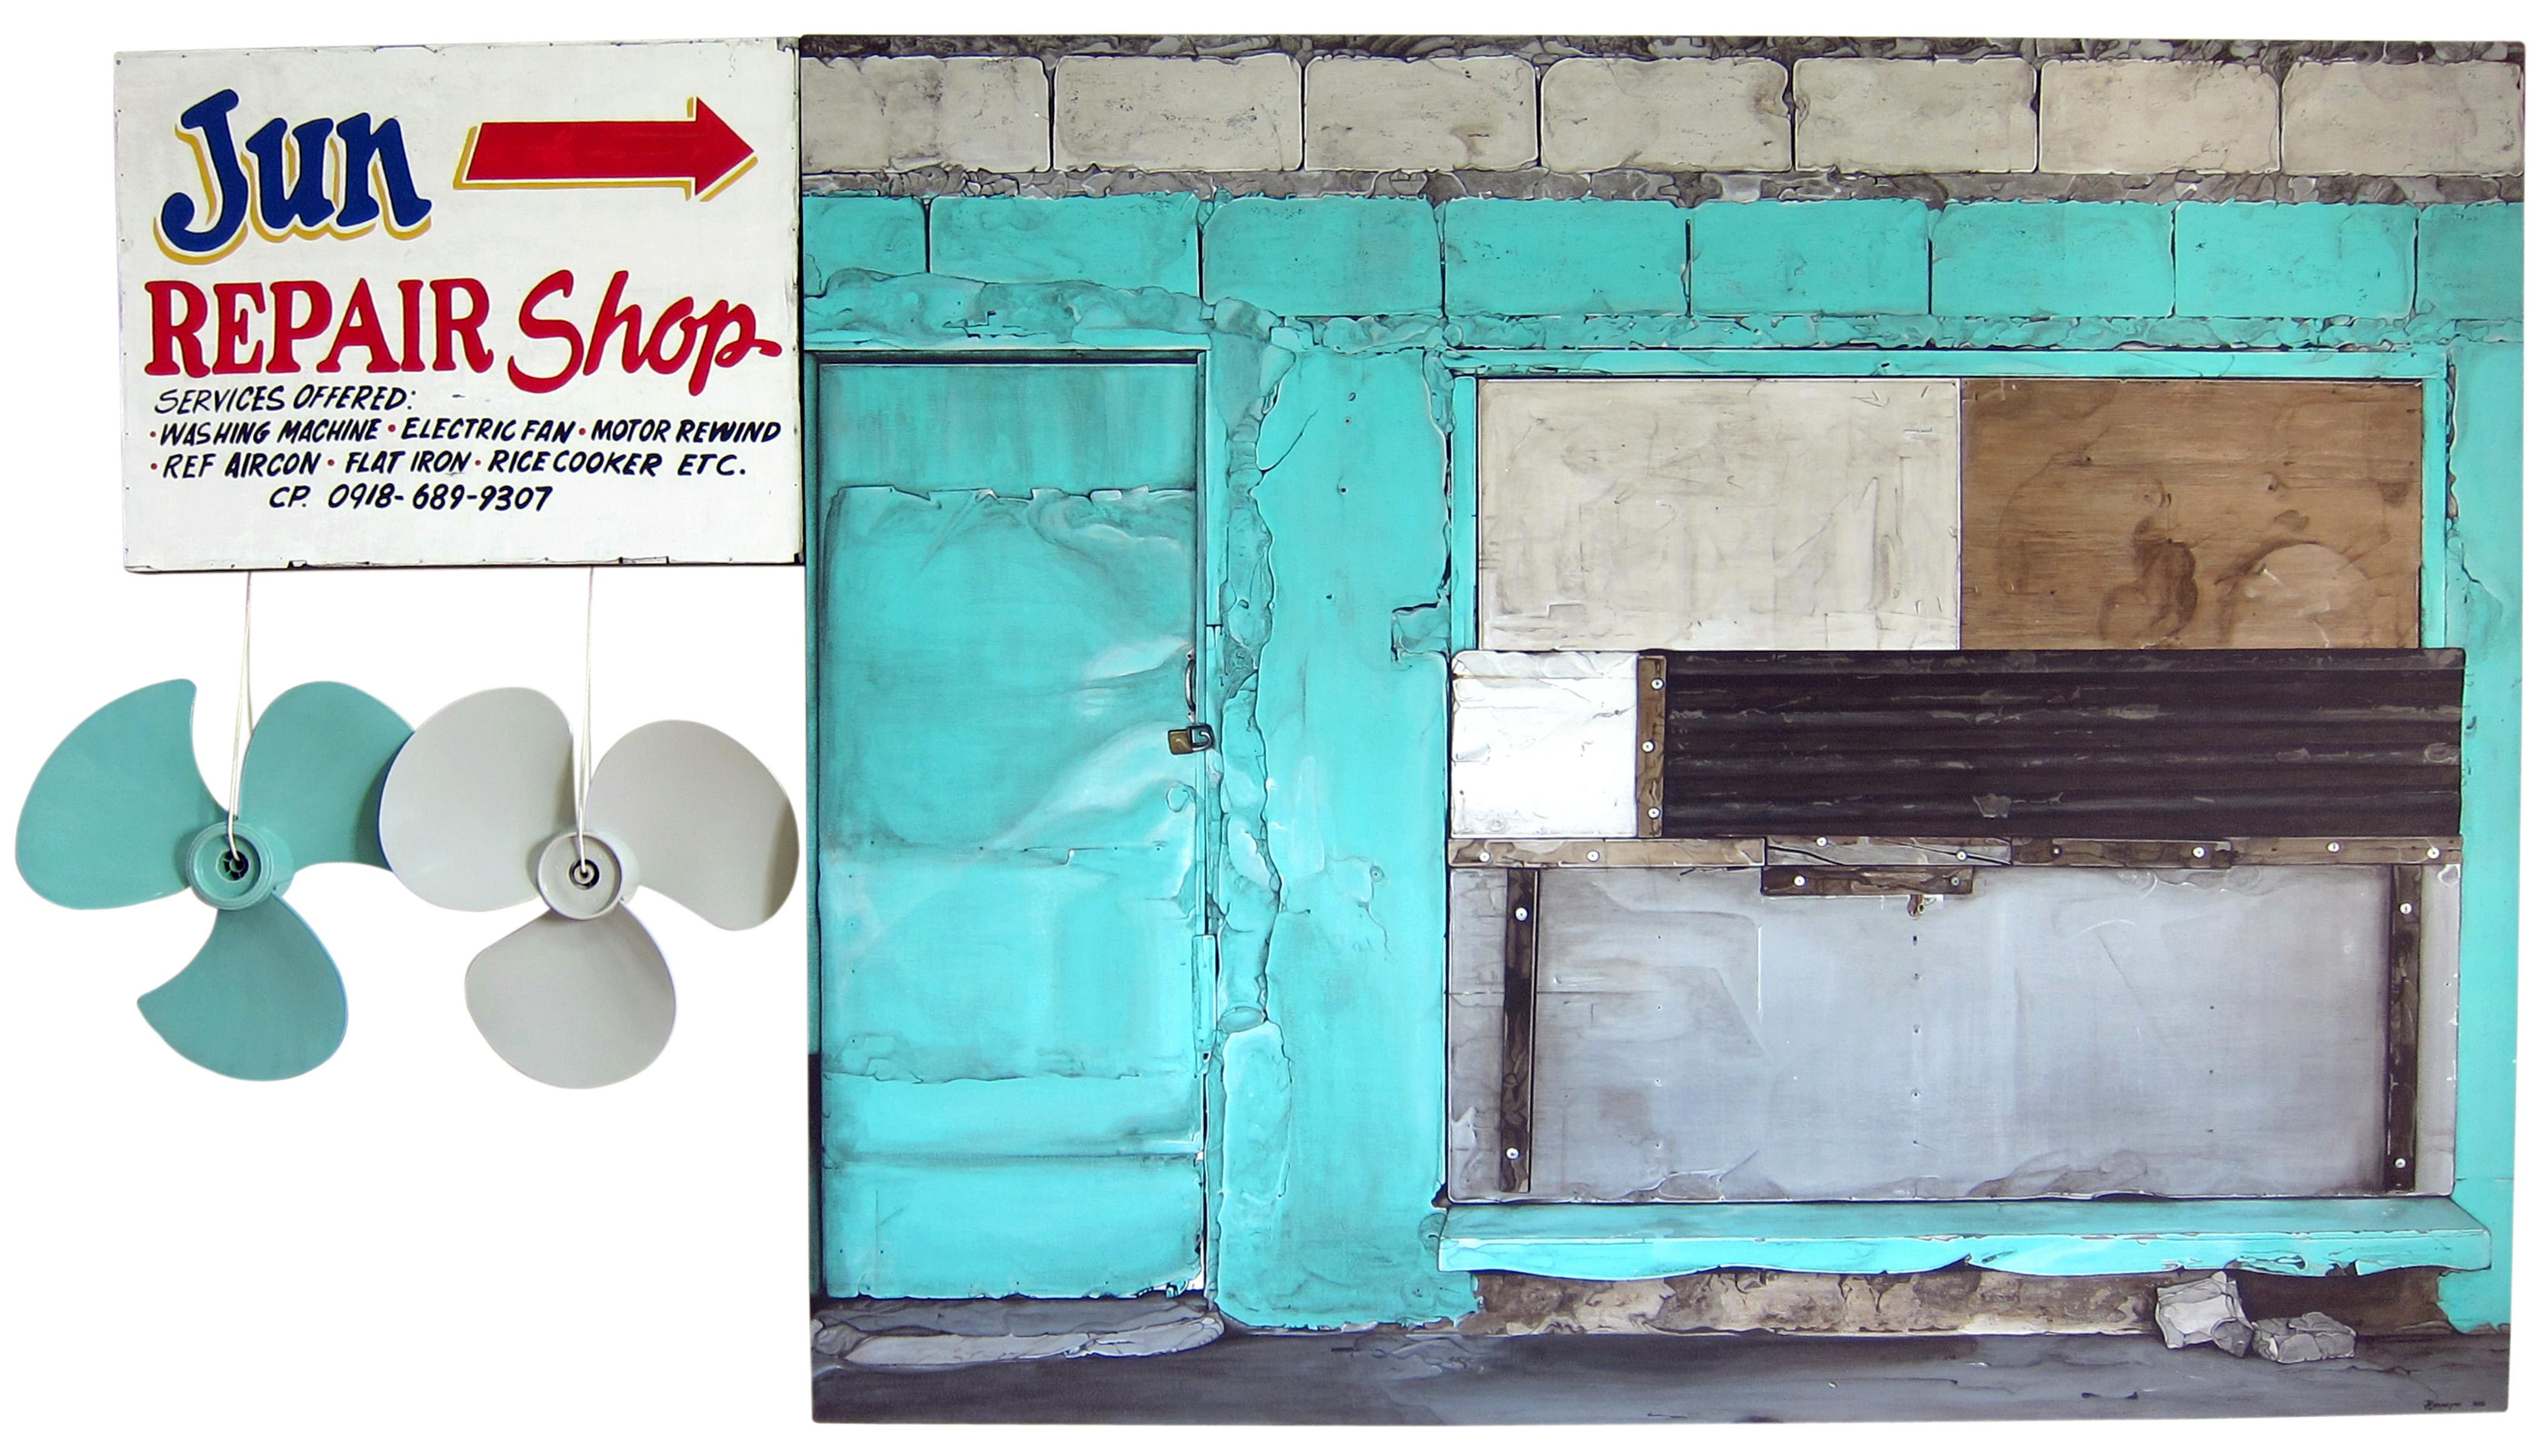 The American Dream - Repair Shop